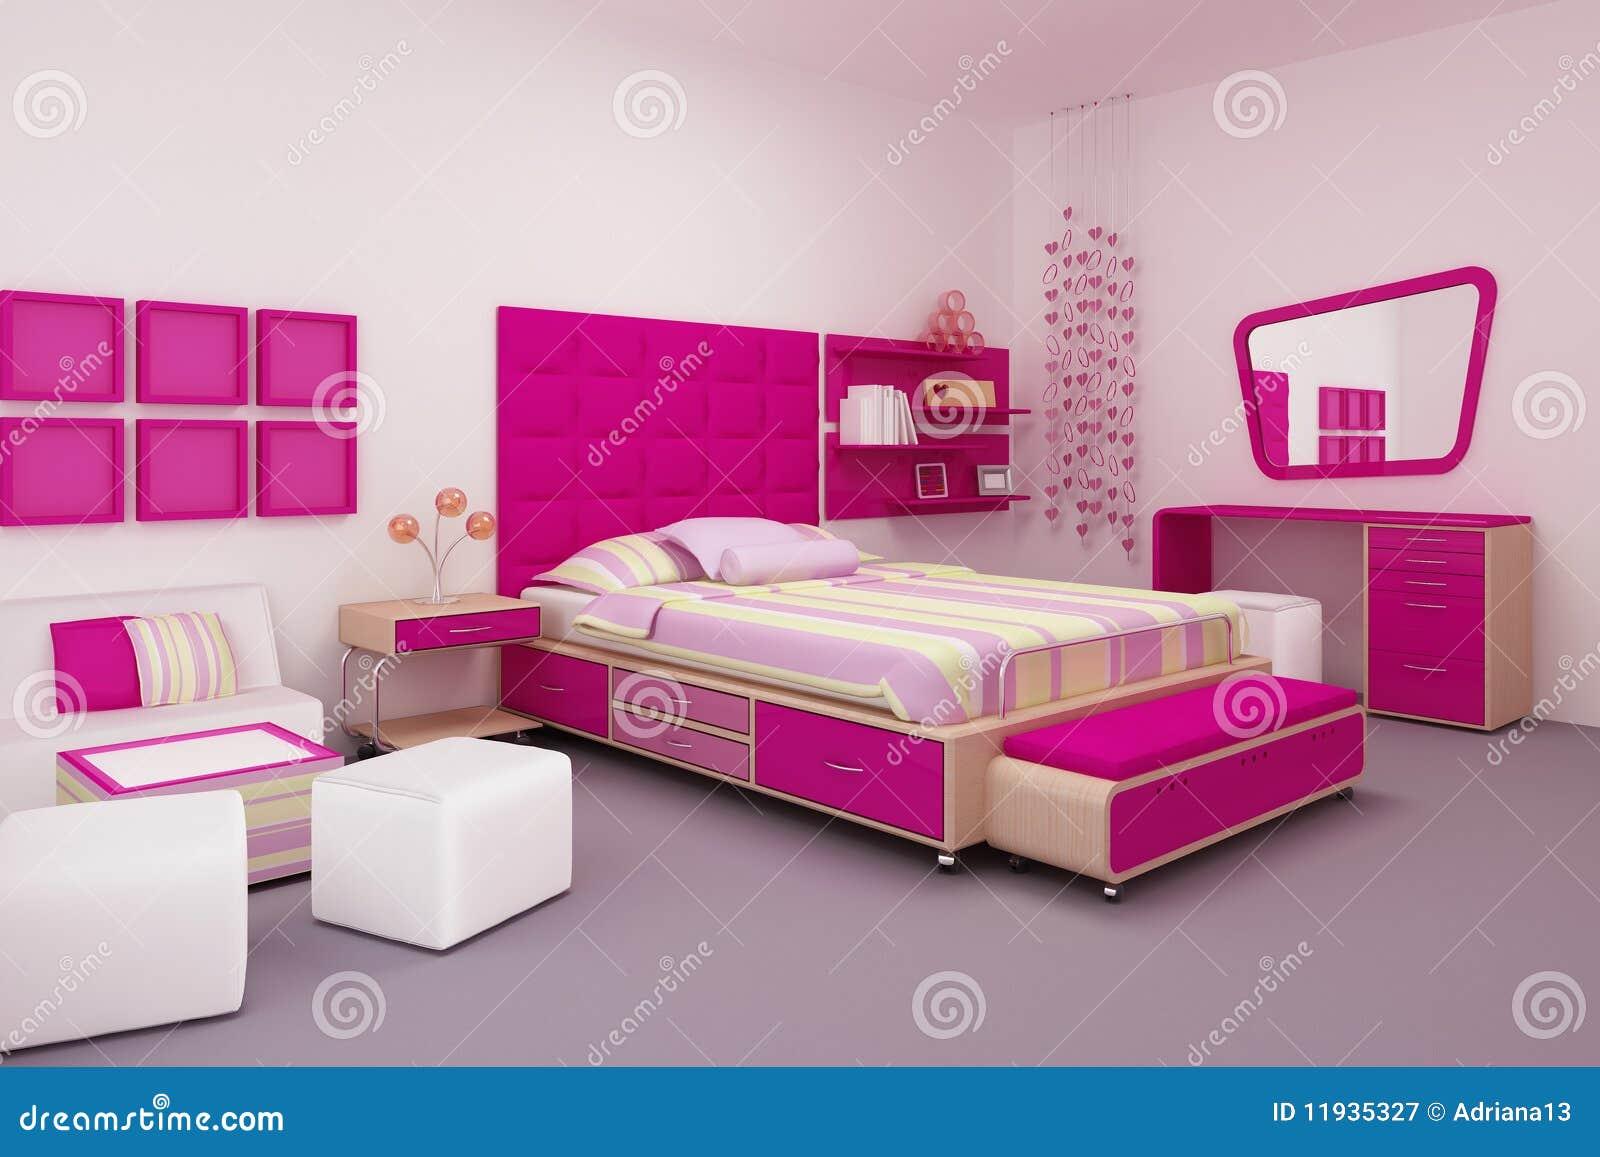 Acheter Mobilier chambre coucher junior - achat literie, lits enfant